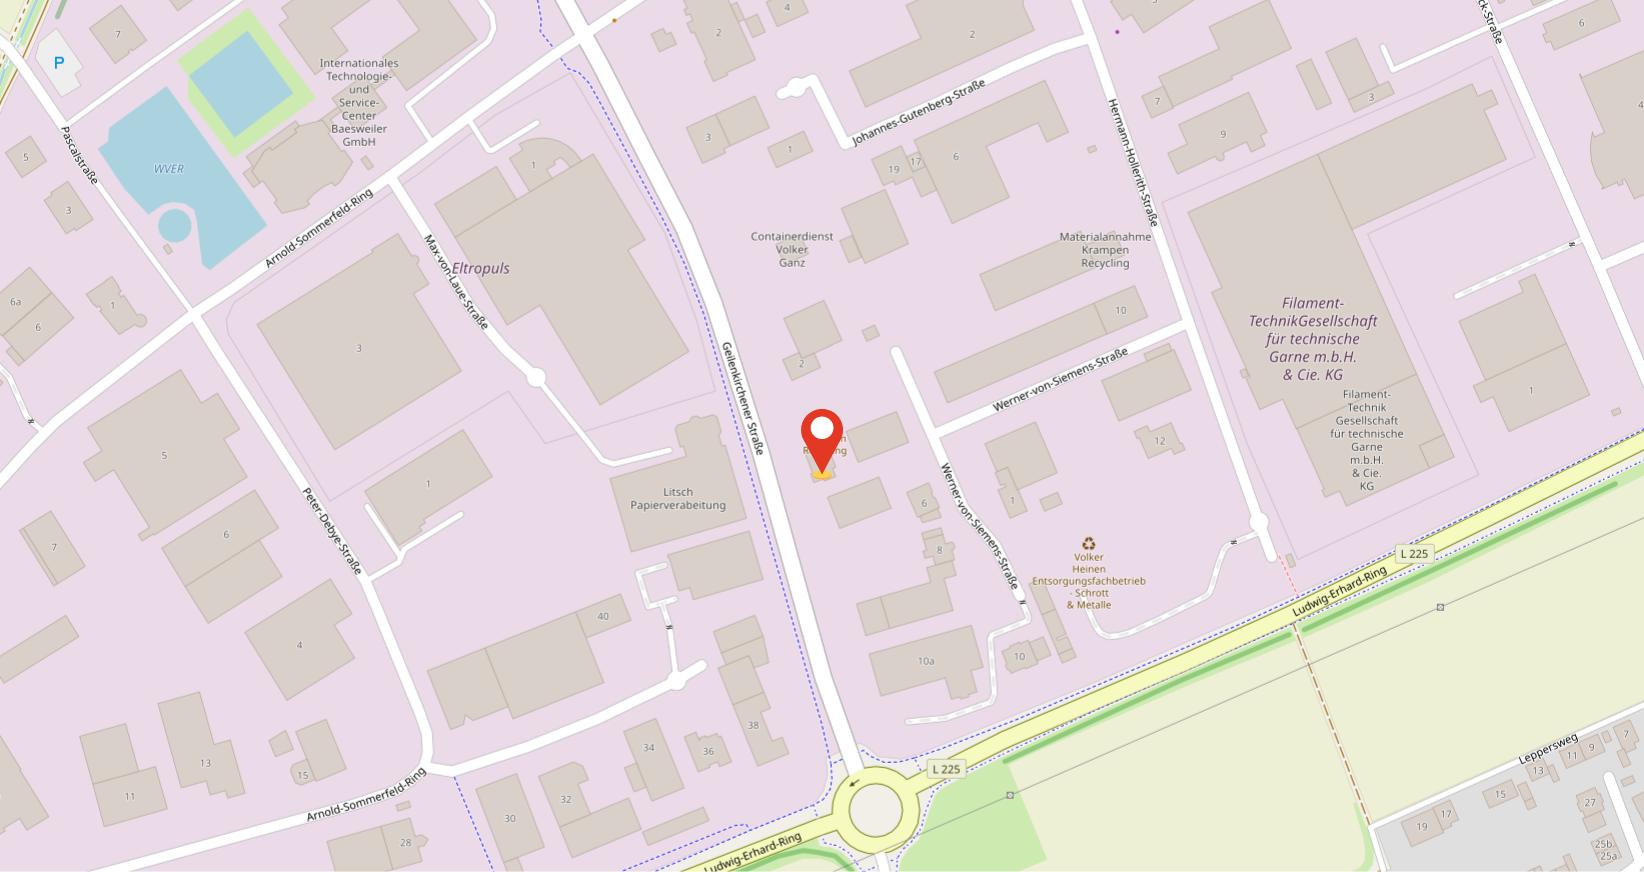 Krampen-Recycling-Standort-OpenStreetMap